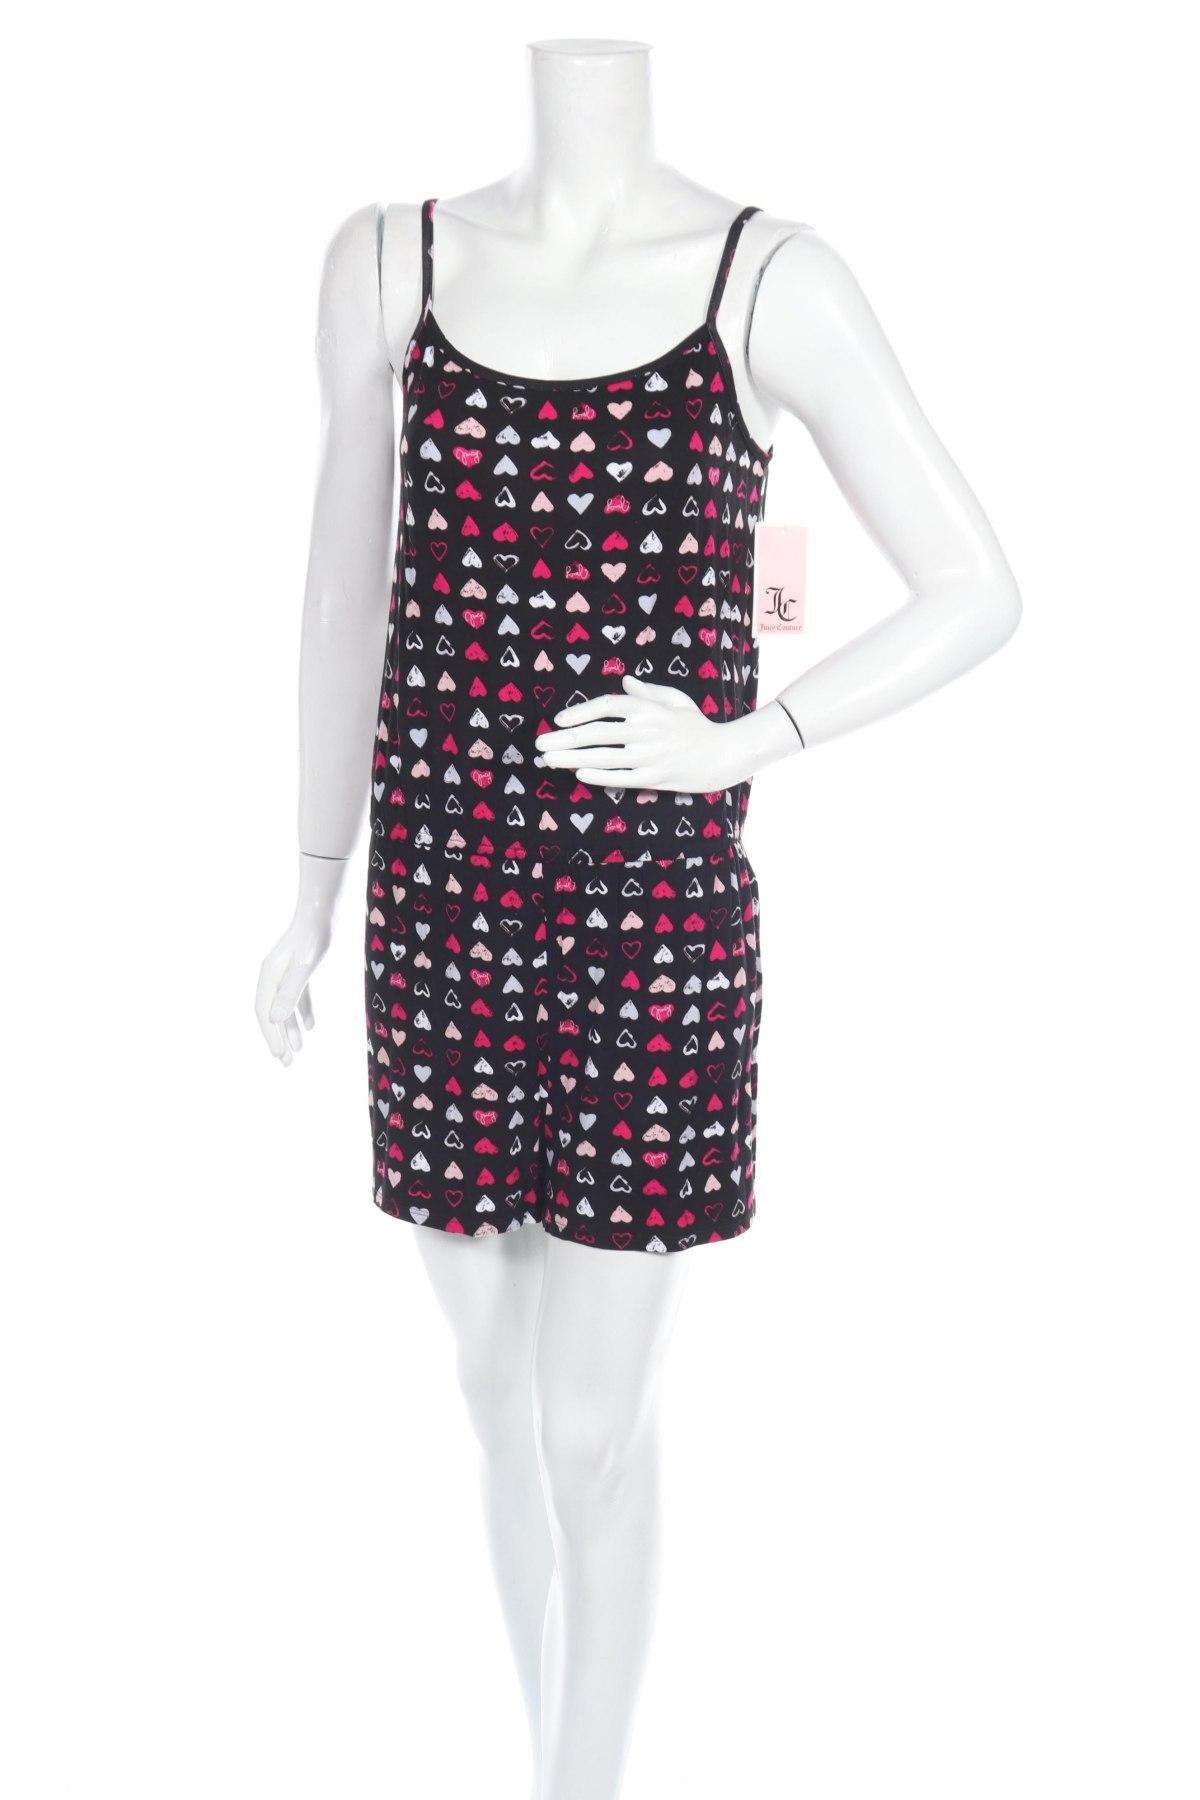 Γυναικεία σαλοπέτα Juicy Couture, Μέγεθος M, Χρώμα Πολύχρωμο, 96% βισκόζη, 4% ελαστάνη, Τιμή 25,29€